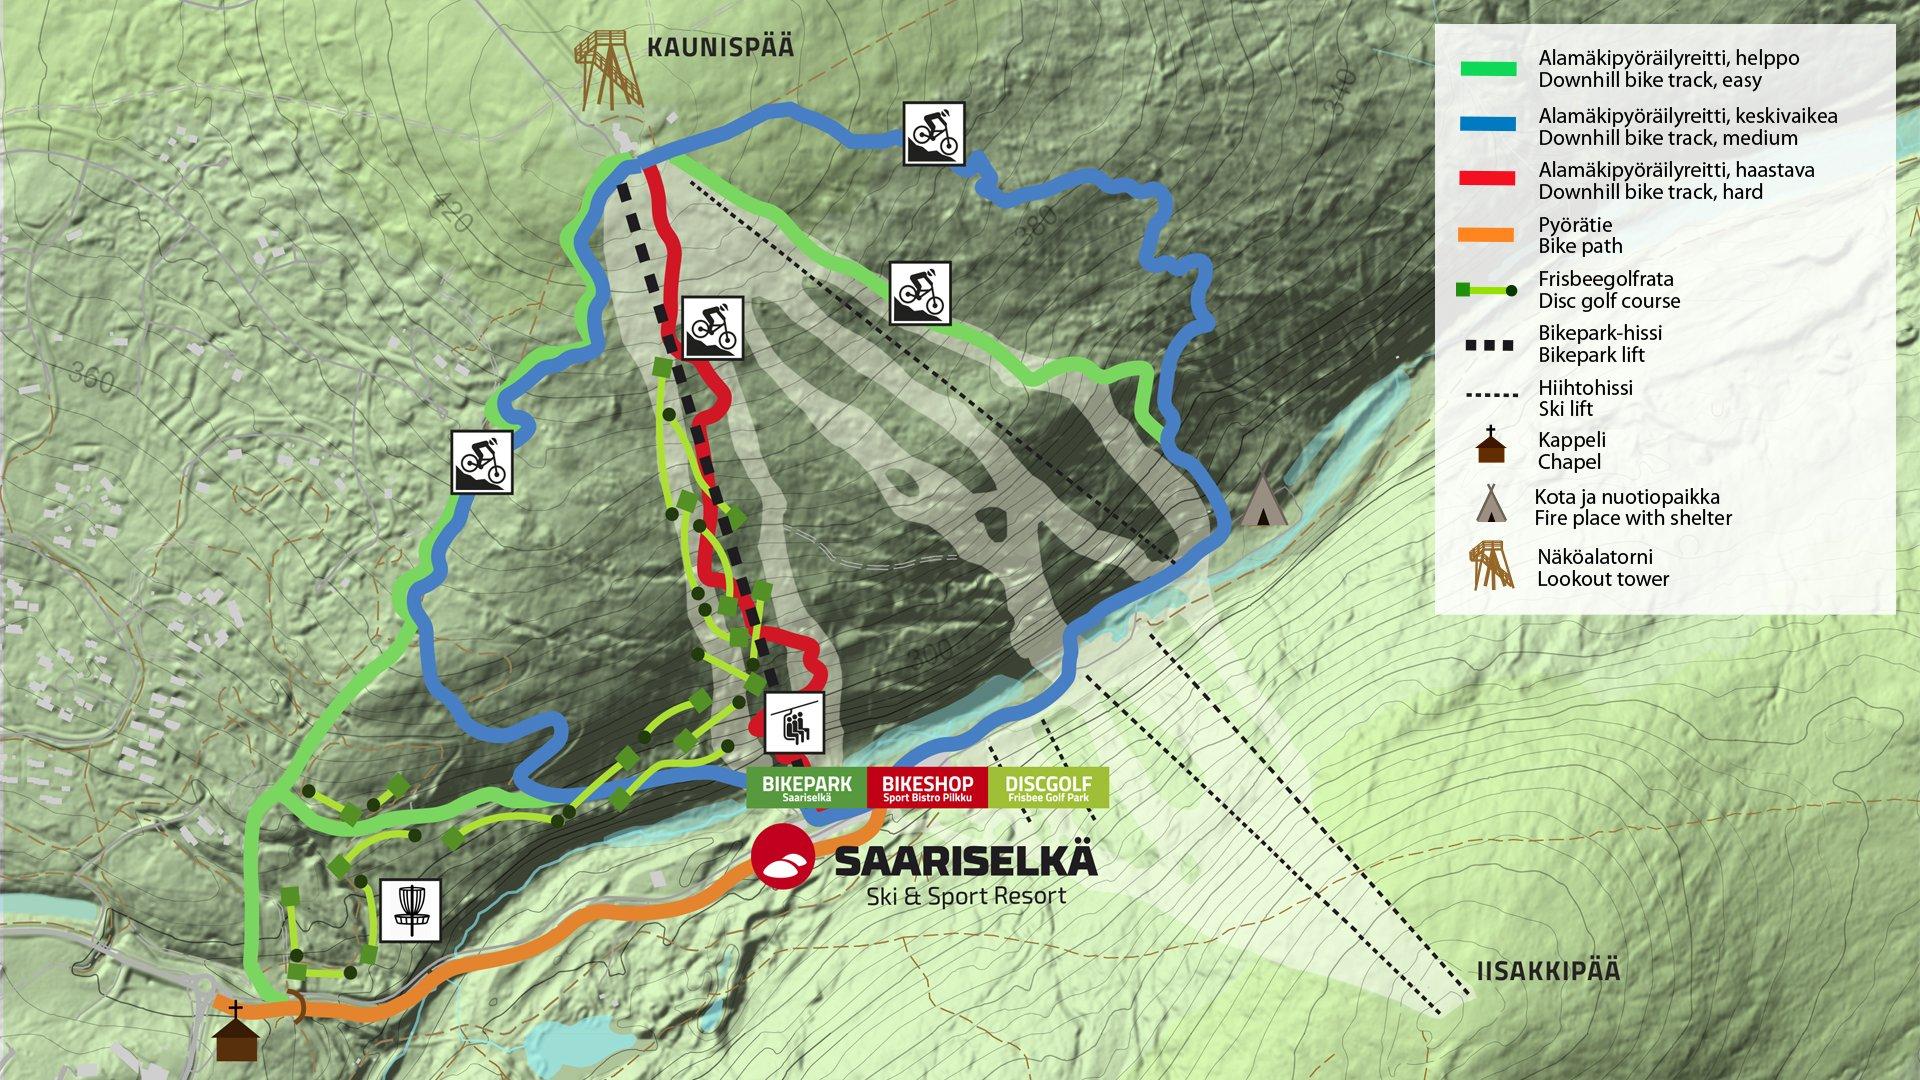 Bikepark Is Closed For Winter Saariselka Ski Sport Resort